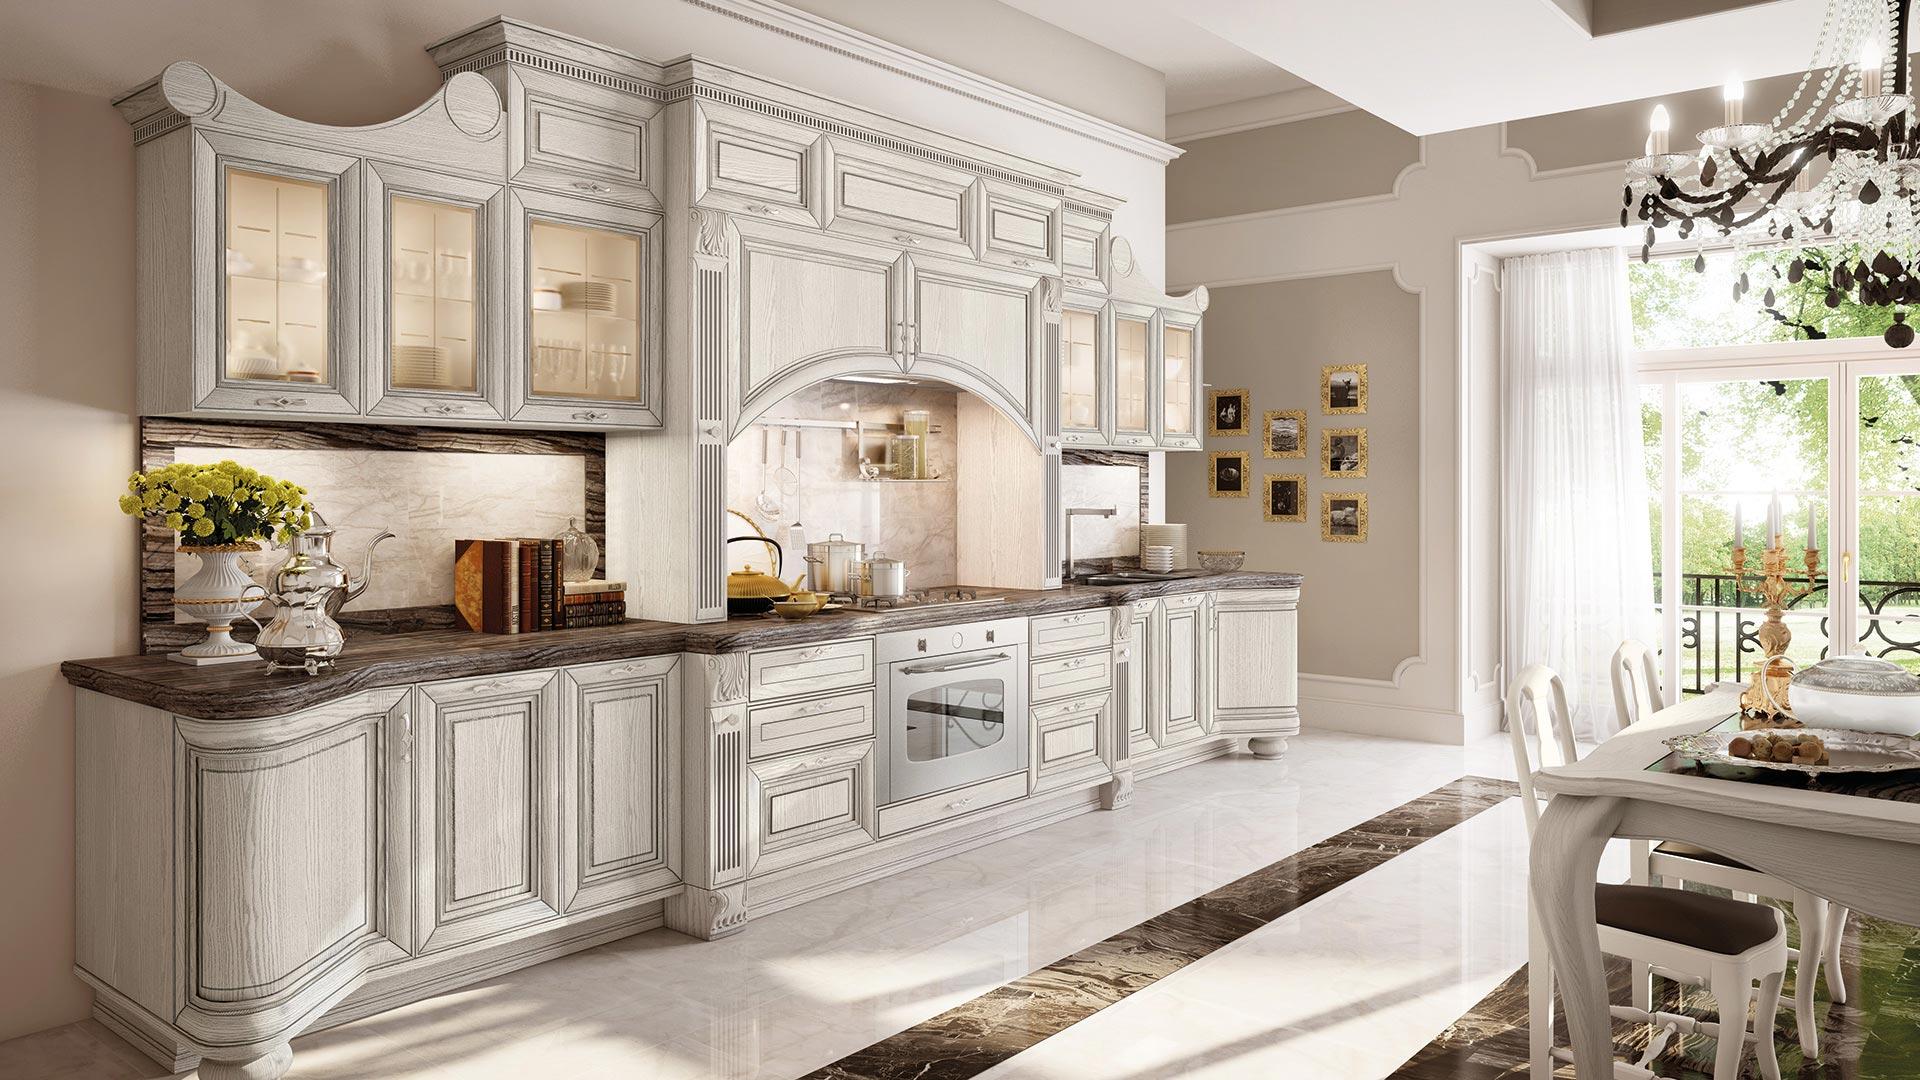 Cucina Lube Classica - Le migliori idee di design per la ...